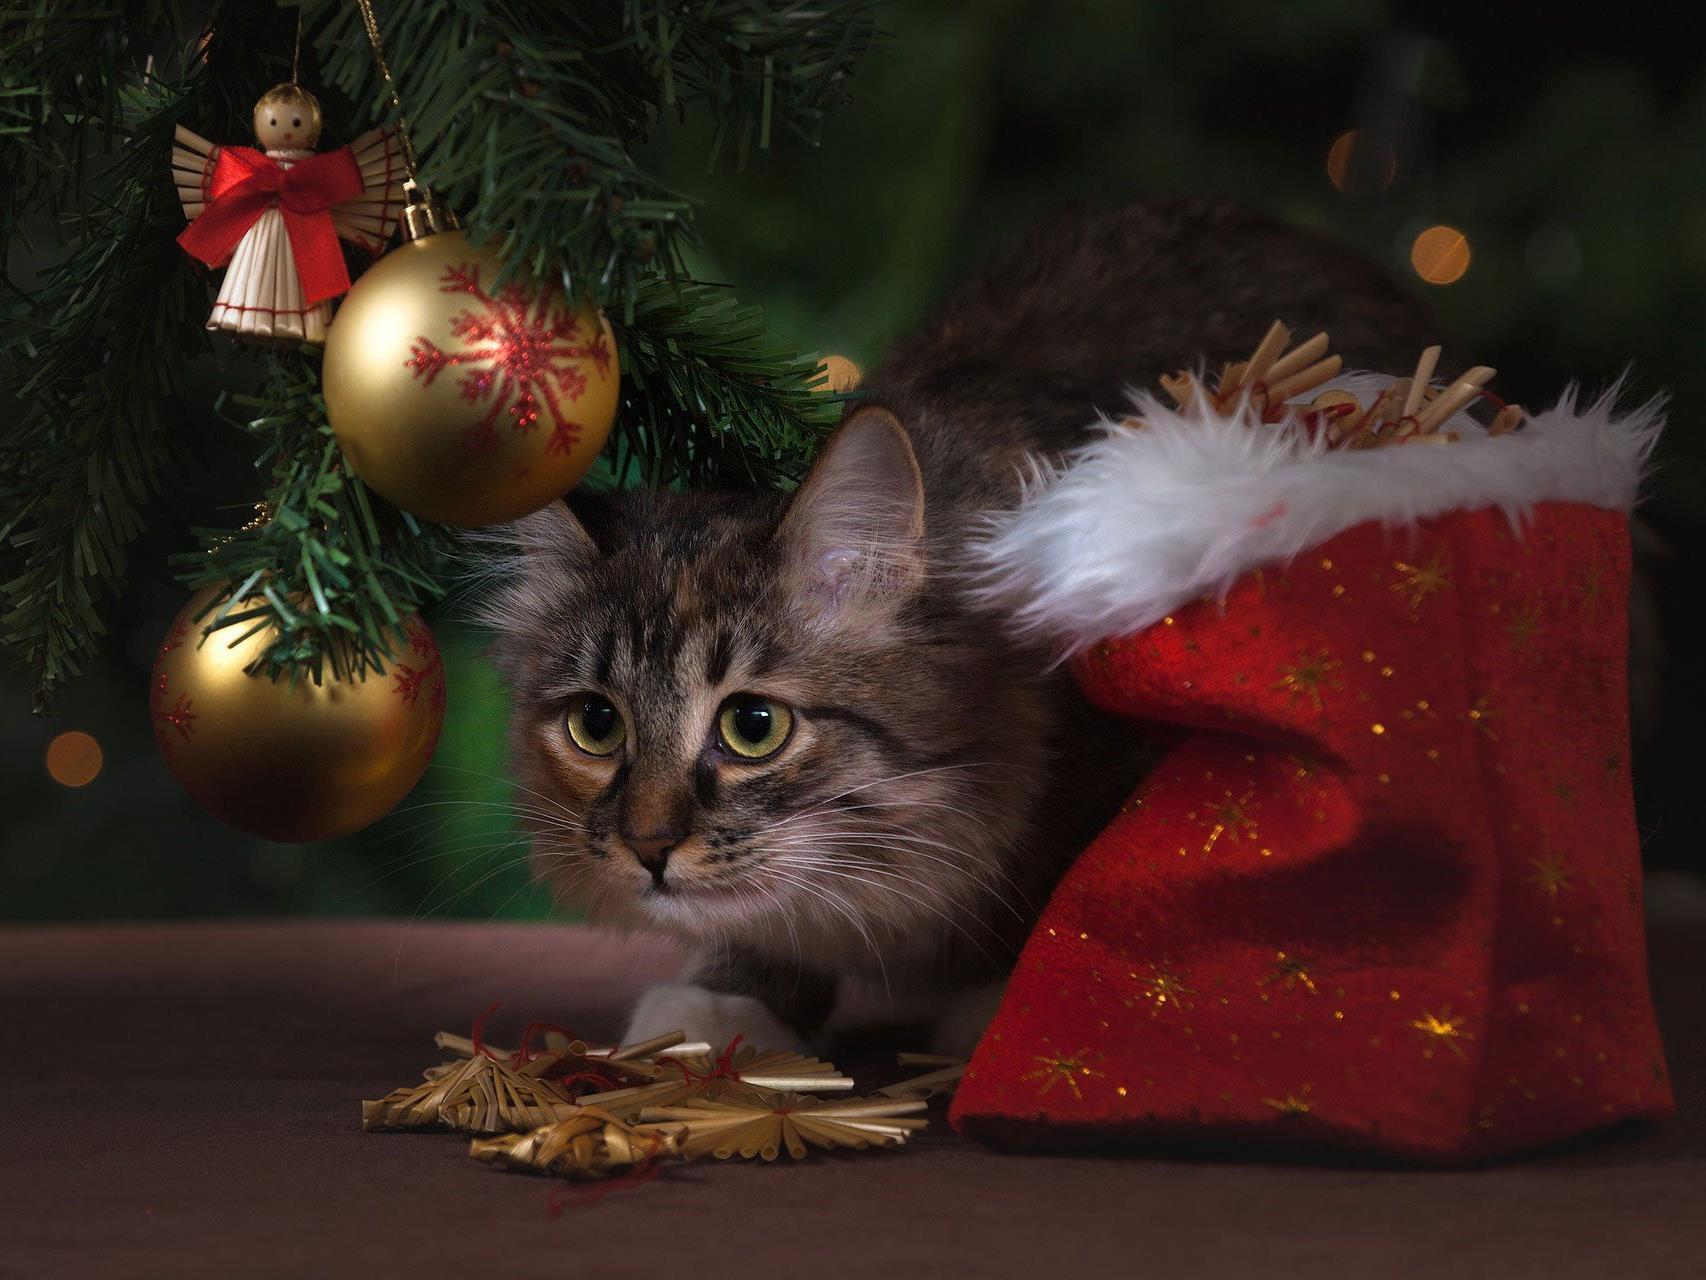 Weihnachtsgeschenke Keine Idee.Zoofachhandel Warnt Vor Tieren Als Weihnachtsgeschenk Kein